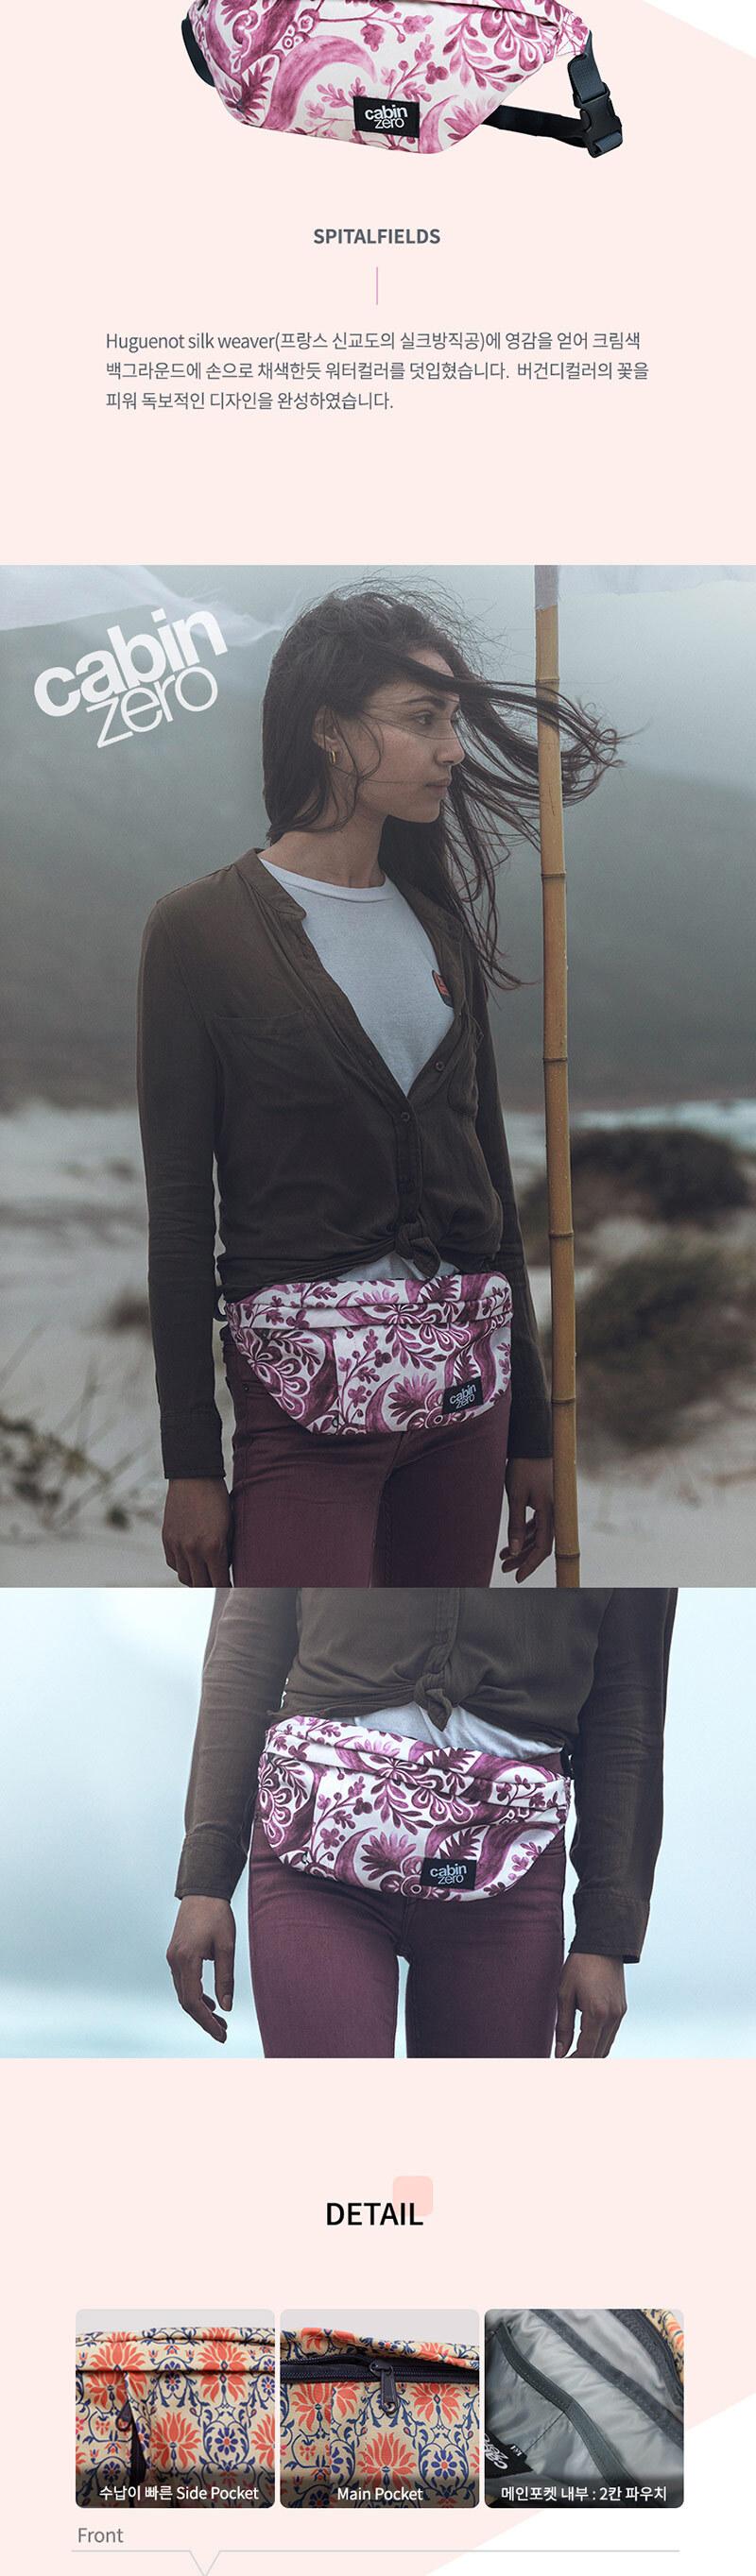 캐빈제로 V&A 힙팩 2L 스피탈필즈 여행용 힙색 슬링백 가방 - 꼬뱅, 54,000원, 배낭, 남성배낭